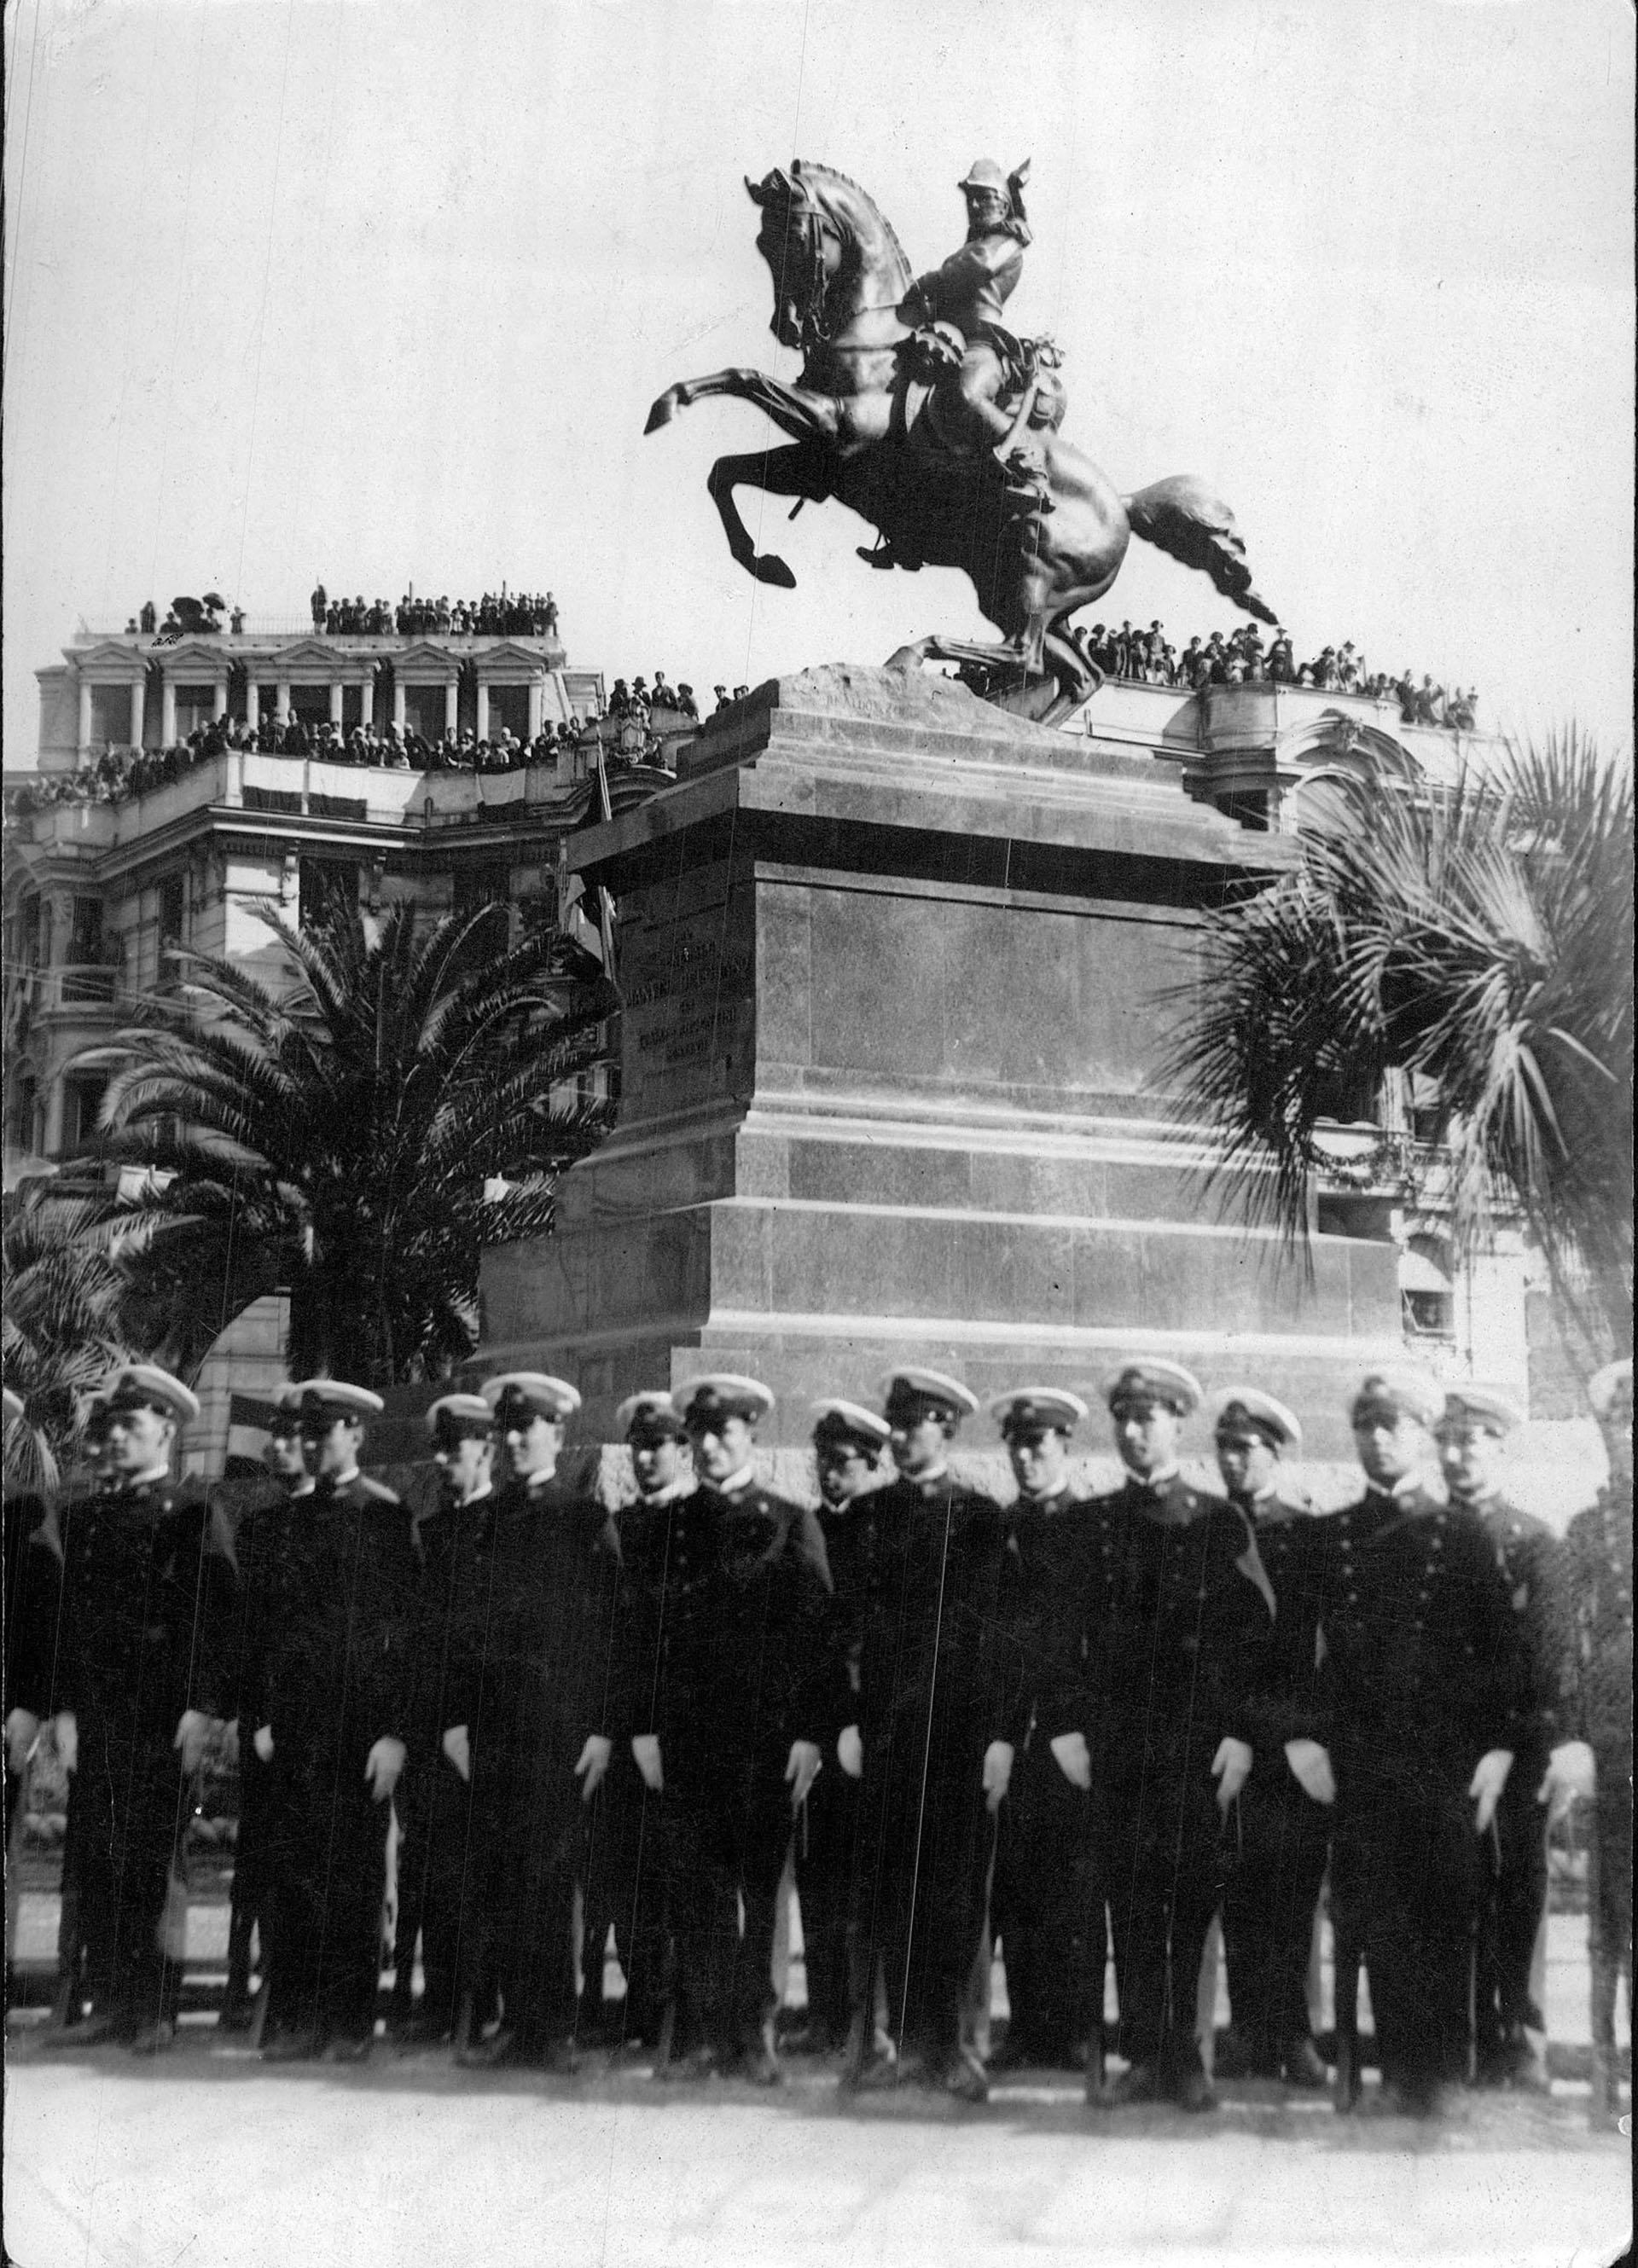 Inauguración del Monumento al General Belgrano en Génova, ciudad de donde era originaria su familia. Los cadetes de la Armada argentina viajaron en la Fragata Sarmiento para participar de la ceremonia, octubre de 1927 (Archivo General de la Nación)